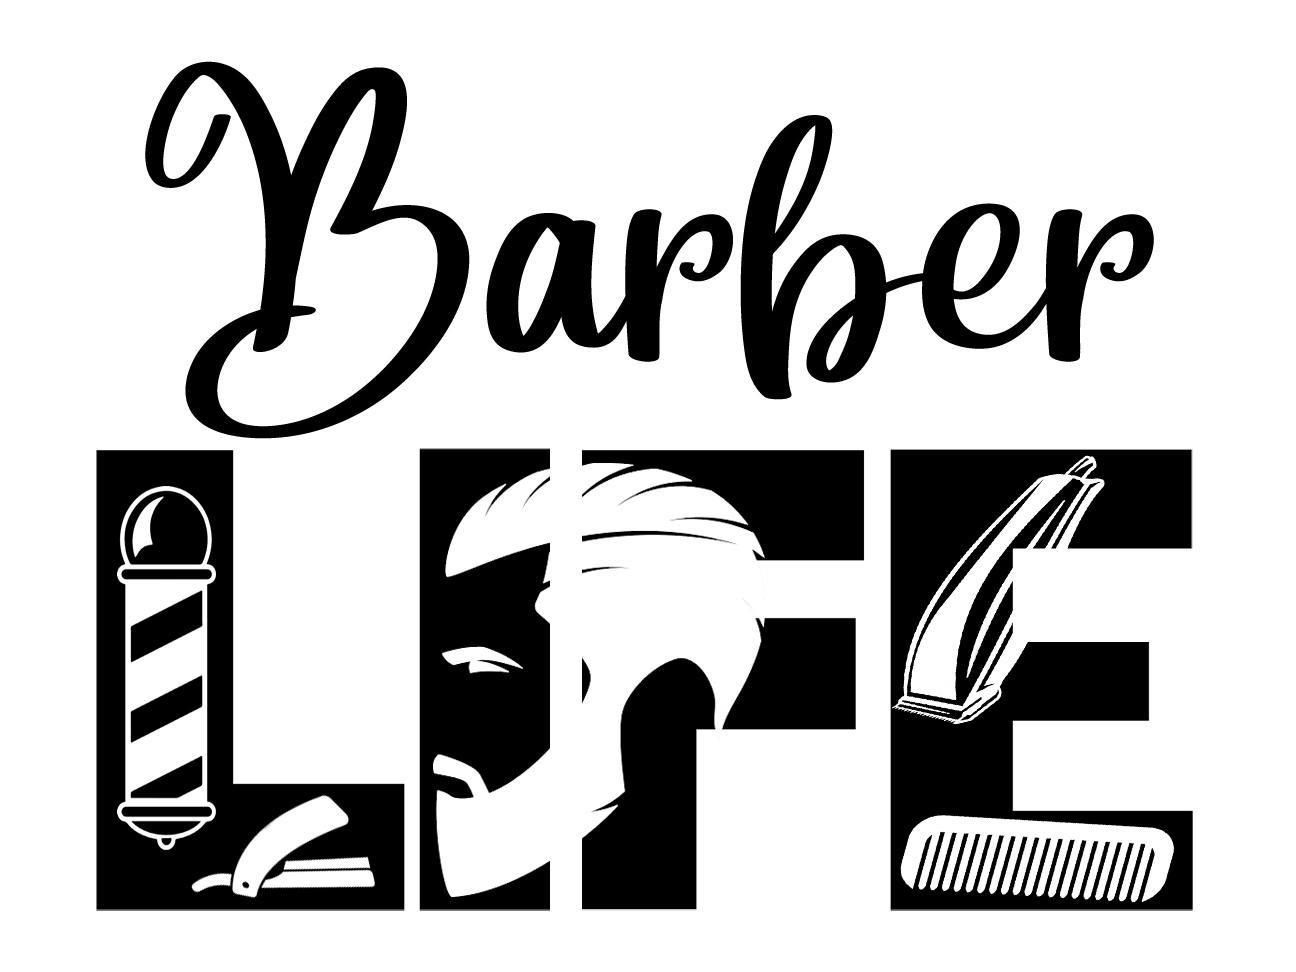 Free Barber Life SVG File